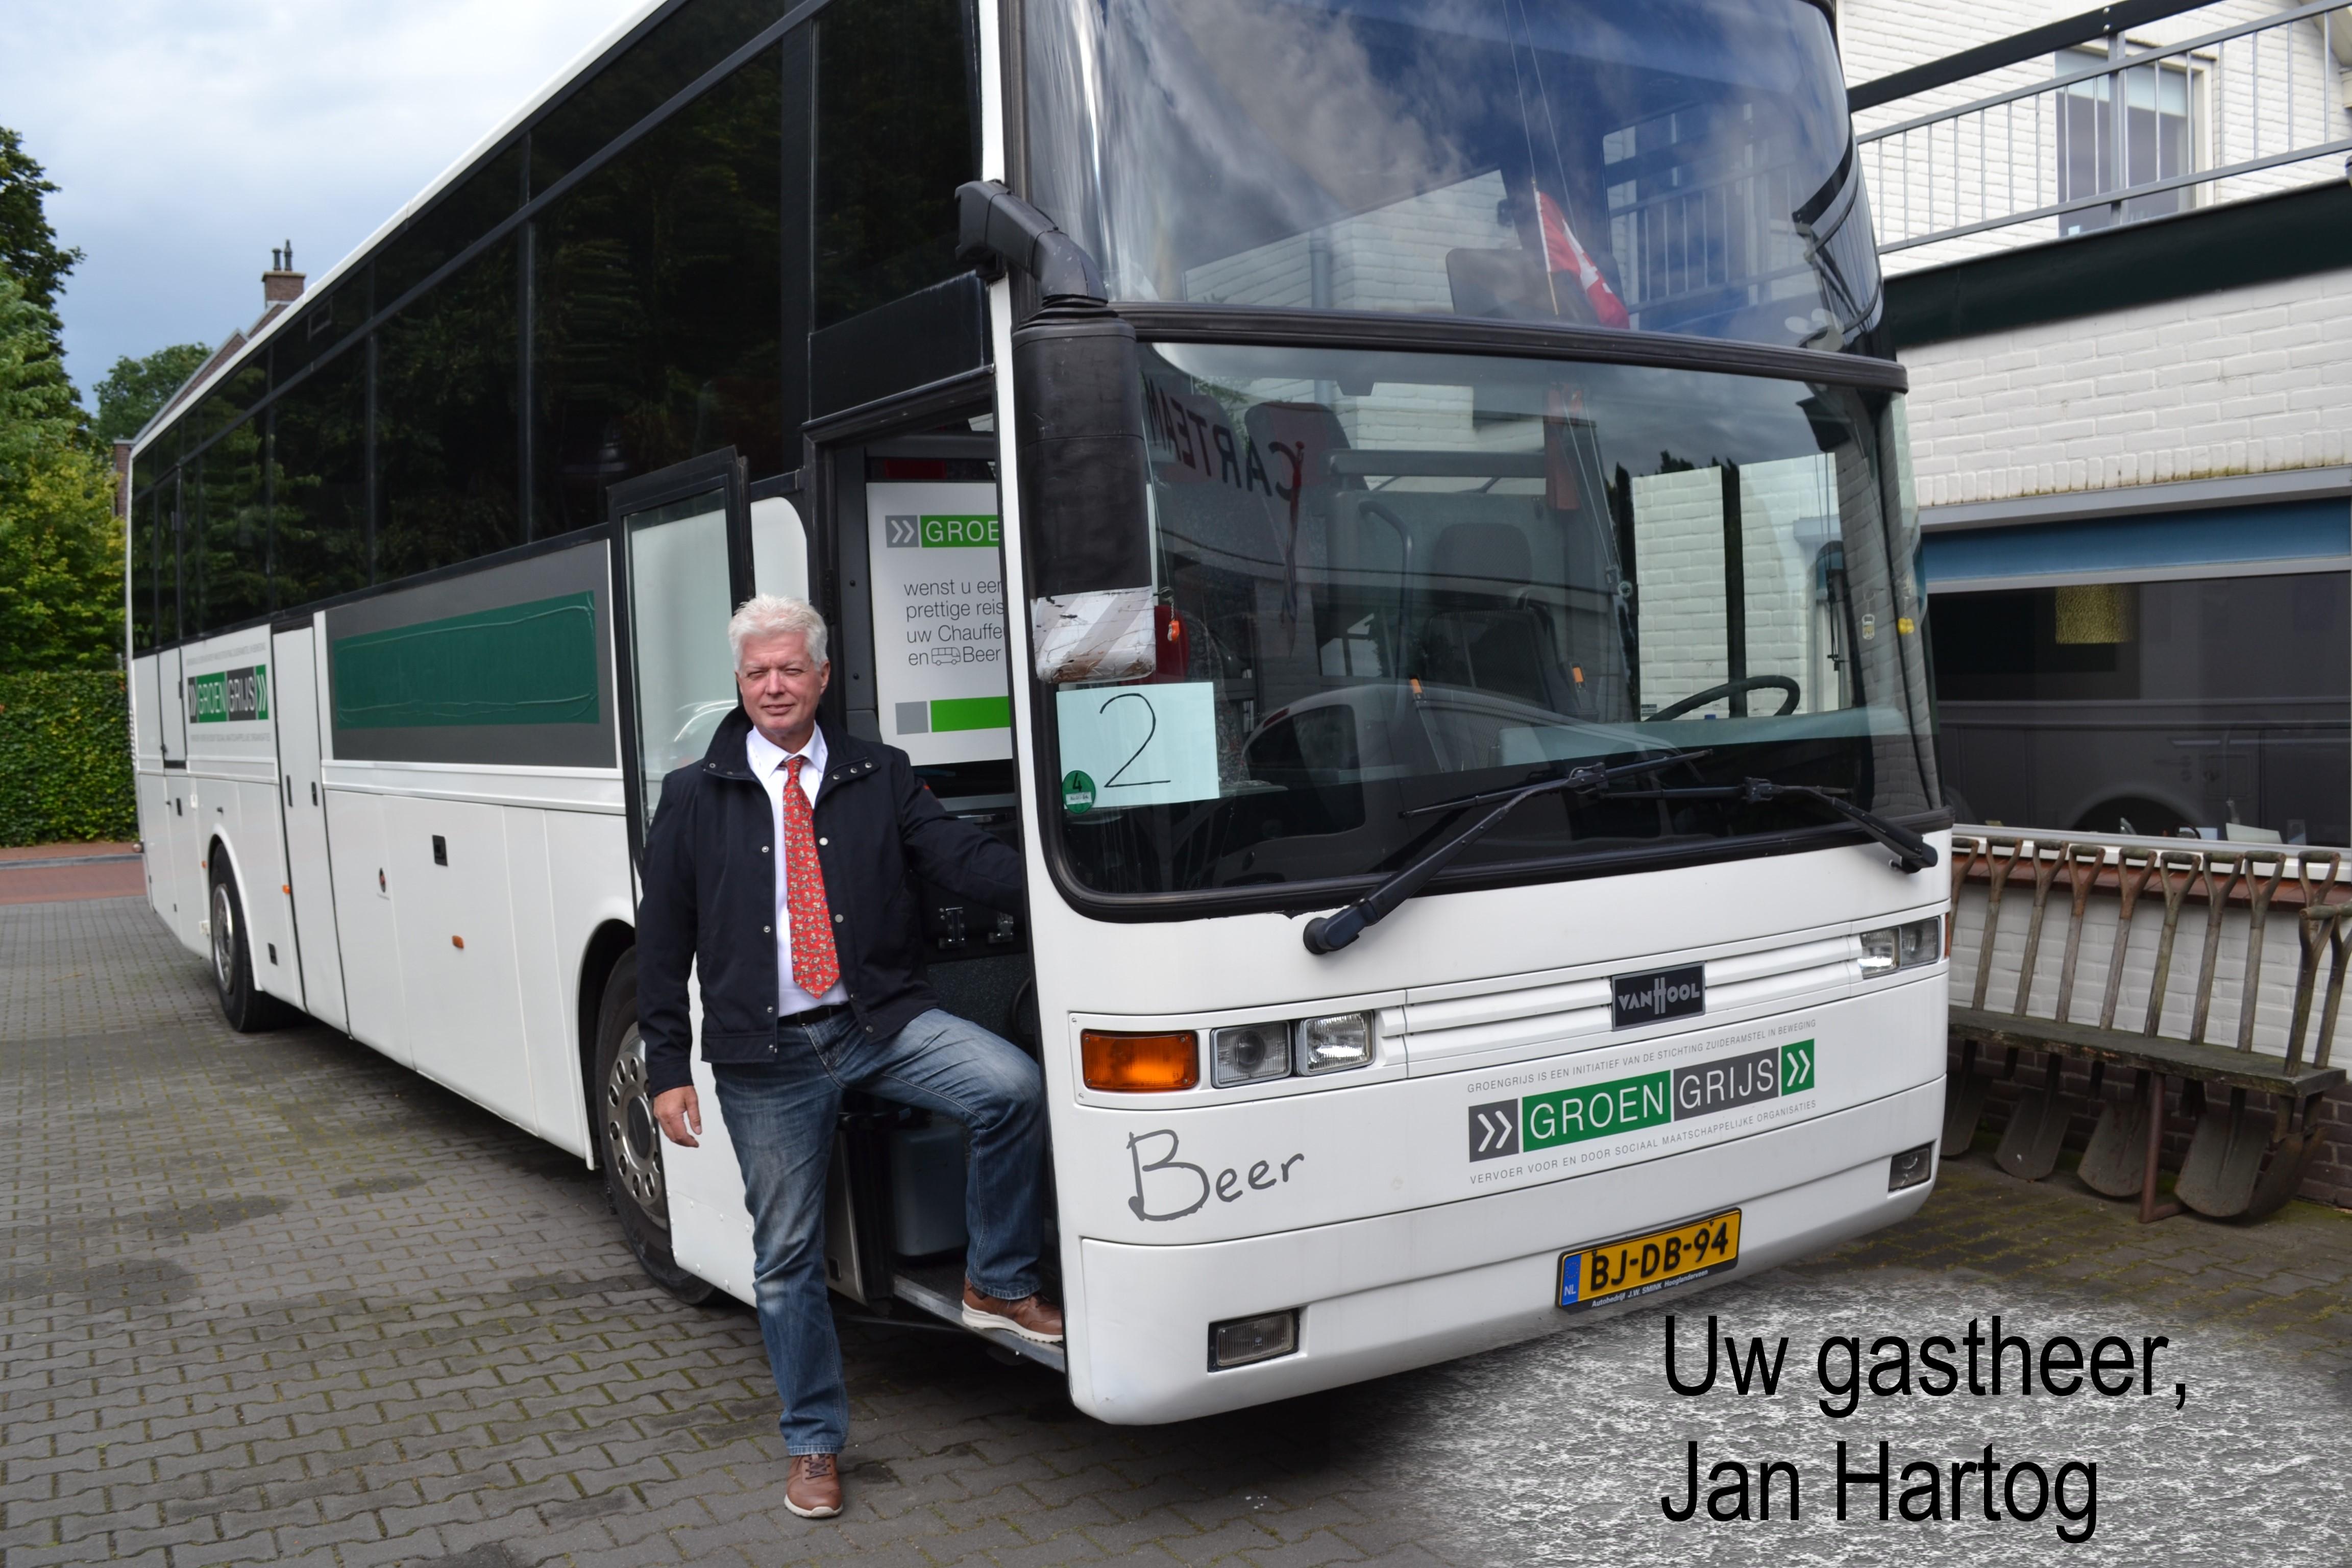 Groengrijs bus Beer Foto Jan Hartog